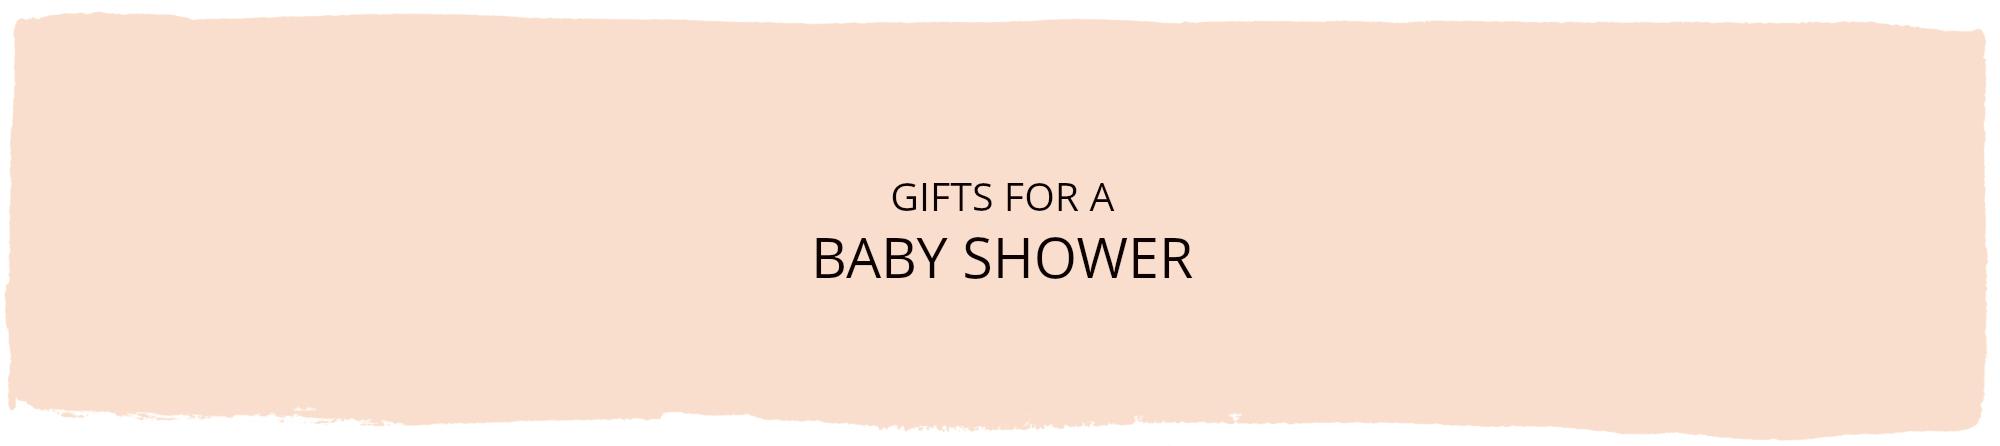 Gifts- Baby Shower.jpg